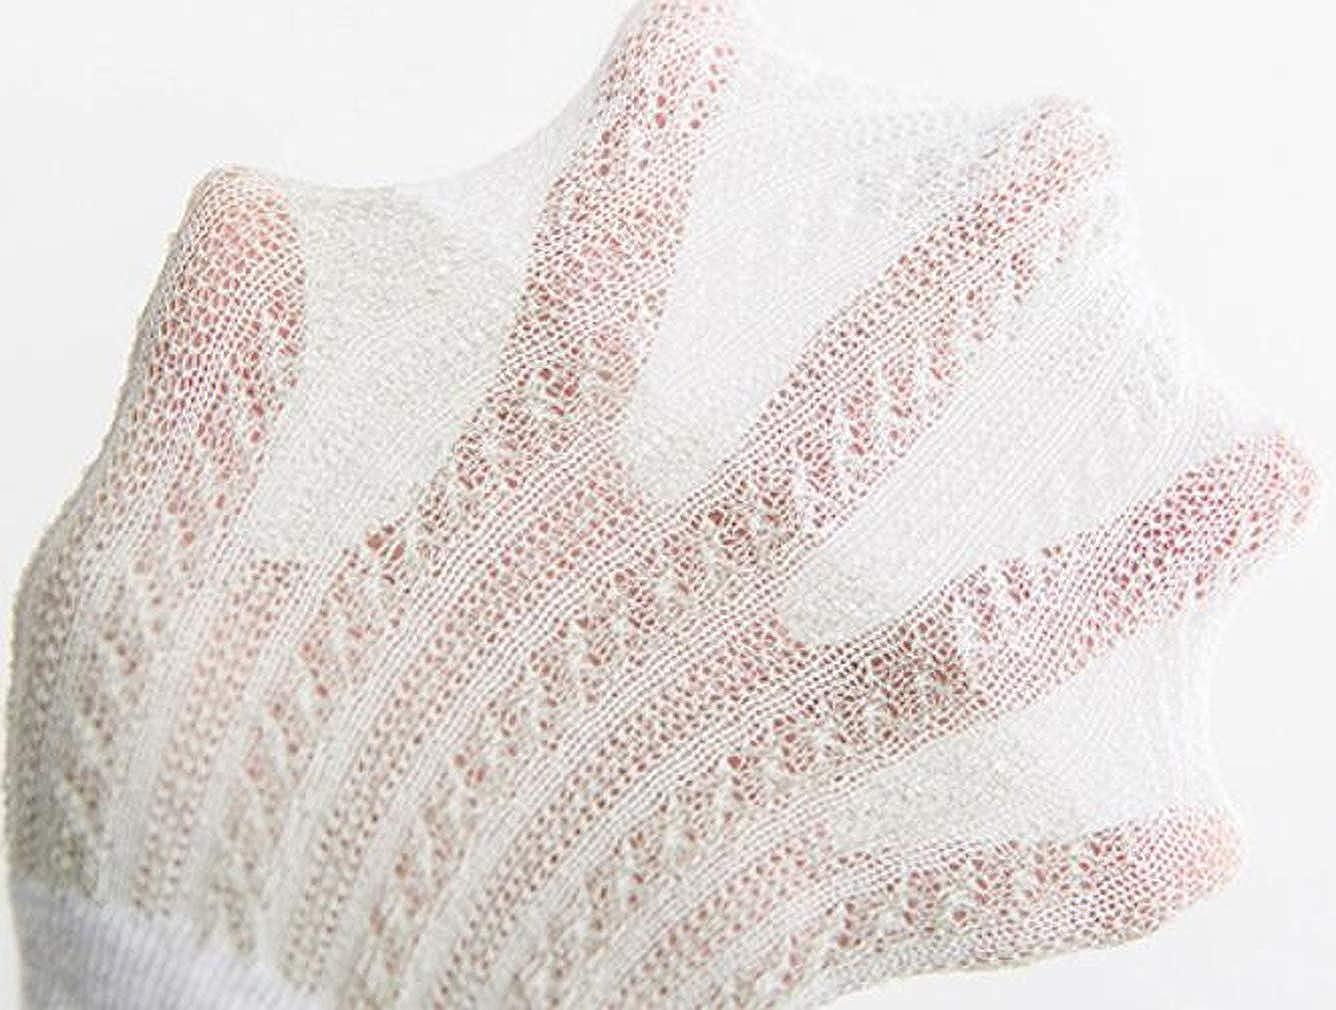 Chaussette Courte//Legging Pantalons Mince Respirant pour Printemps /Ét/é Automne DEBAIJIA 5 Paires B/éb/é Enfant Chaussettes//Collant en Coton /à Maille pour Tout-petit Fille Gar/çon de 0-5 Ans